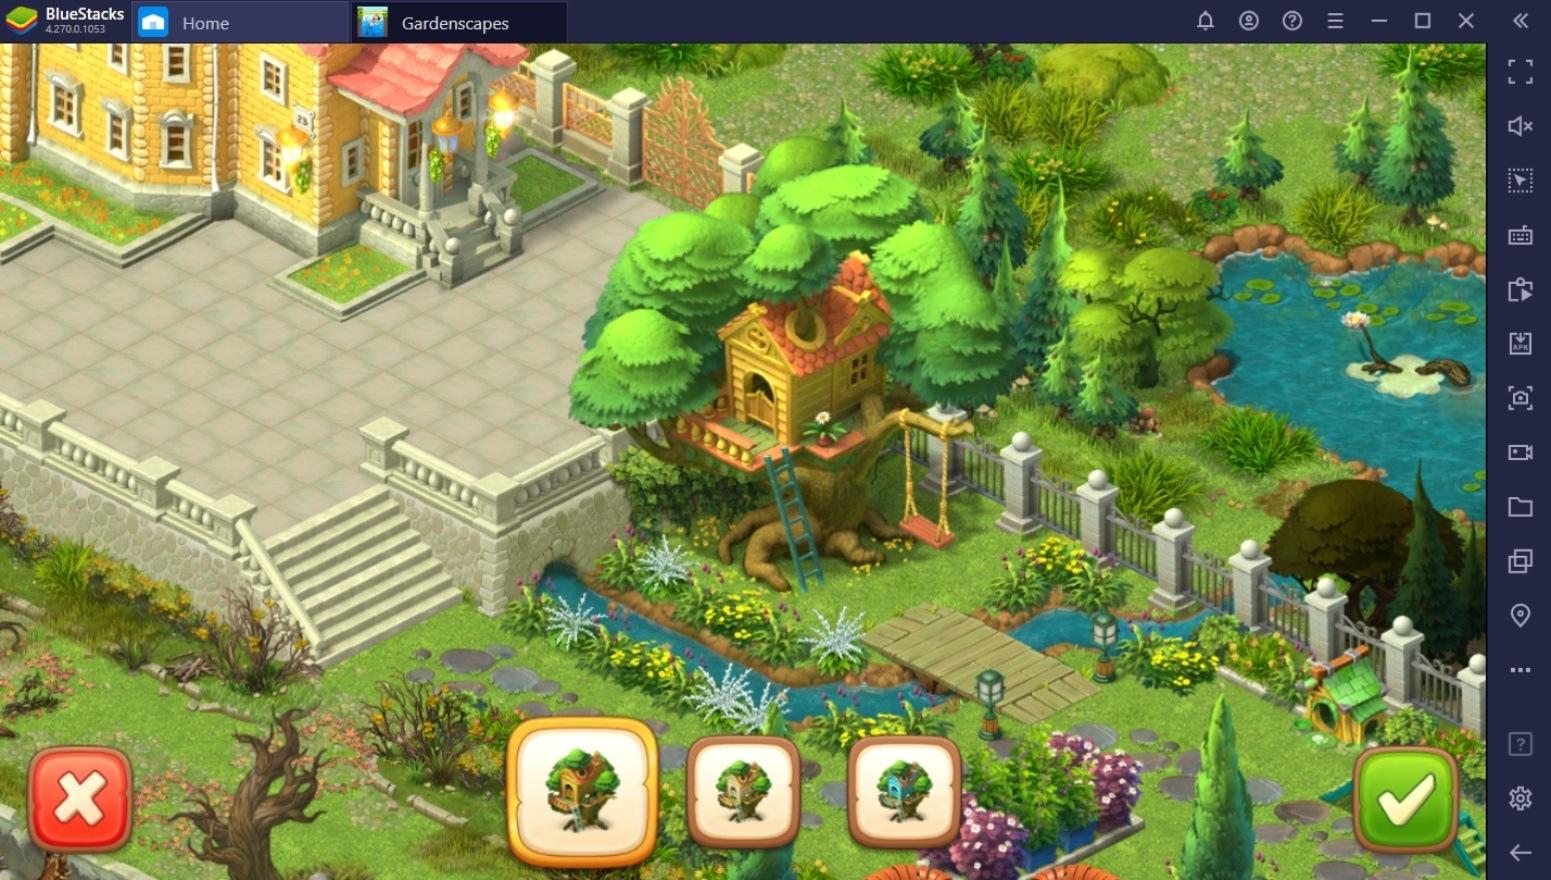 Wskazówki i porady, jak lepiej grać w Gardenscapes